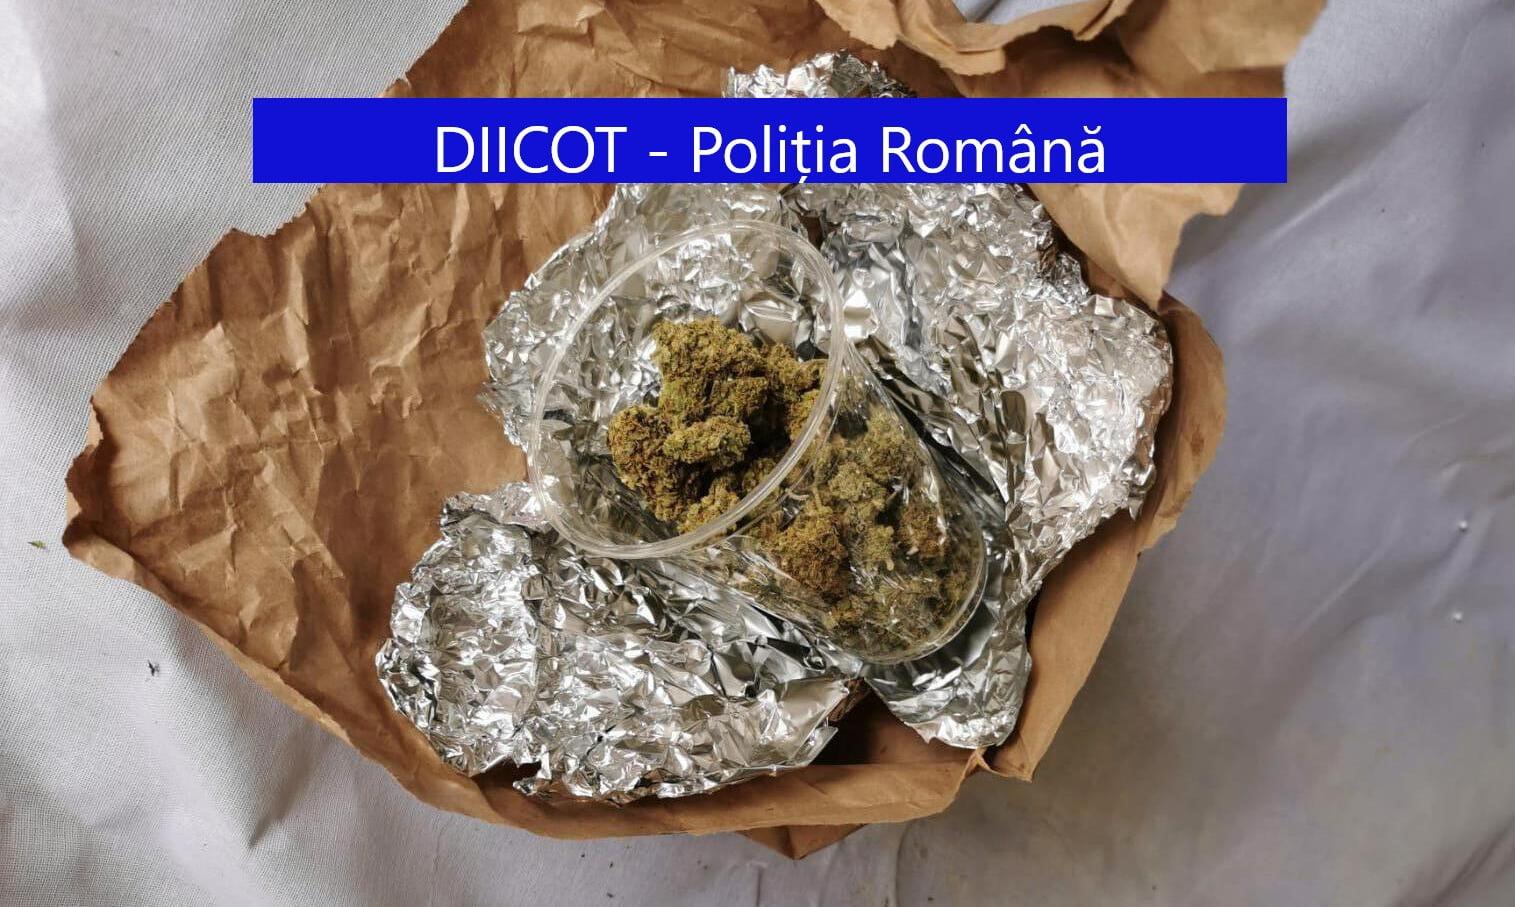 [VIDEO] Percheziții DIICOT în Neamț. Opt persoane reținute pentru trafic de droguri